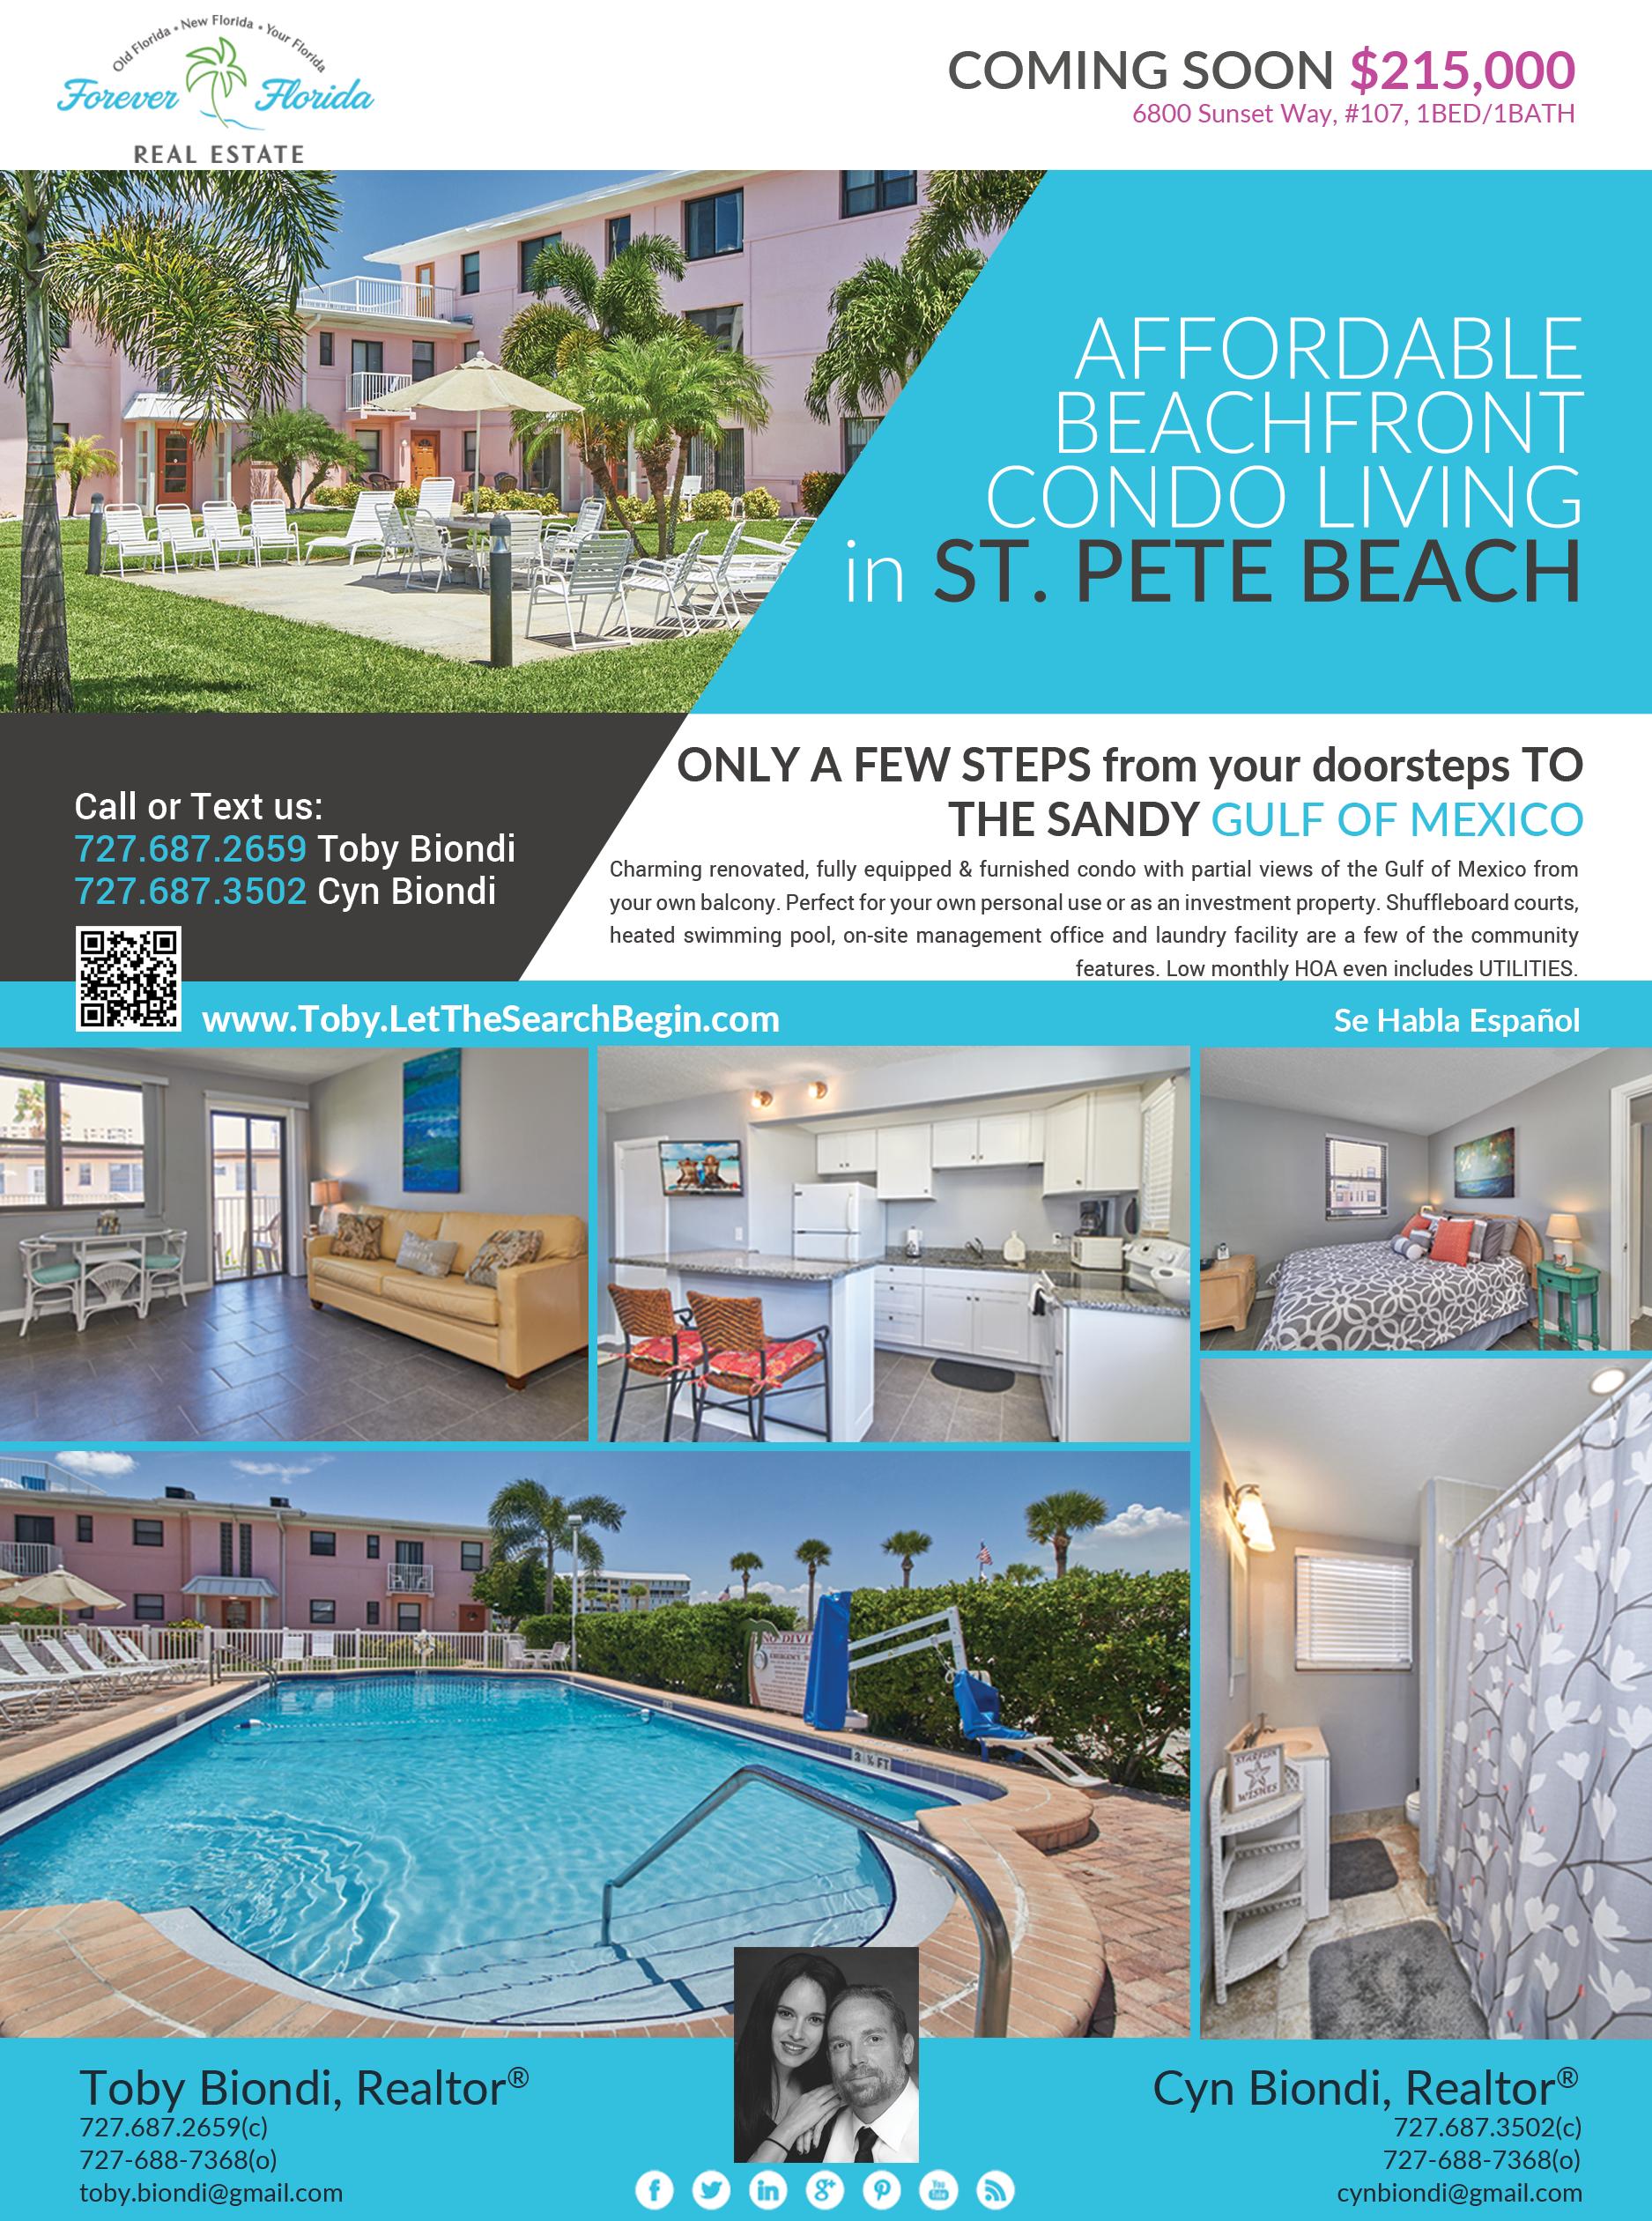 Beachfront Condo for Sale St Pete Beach